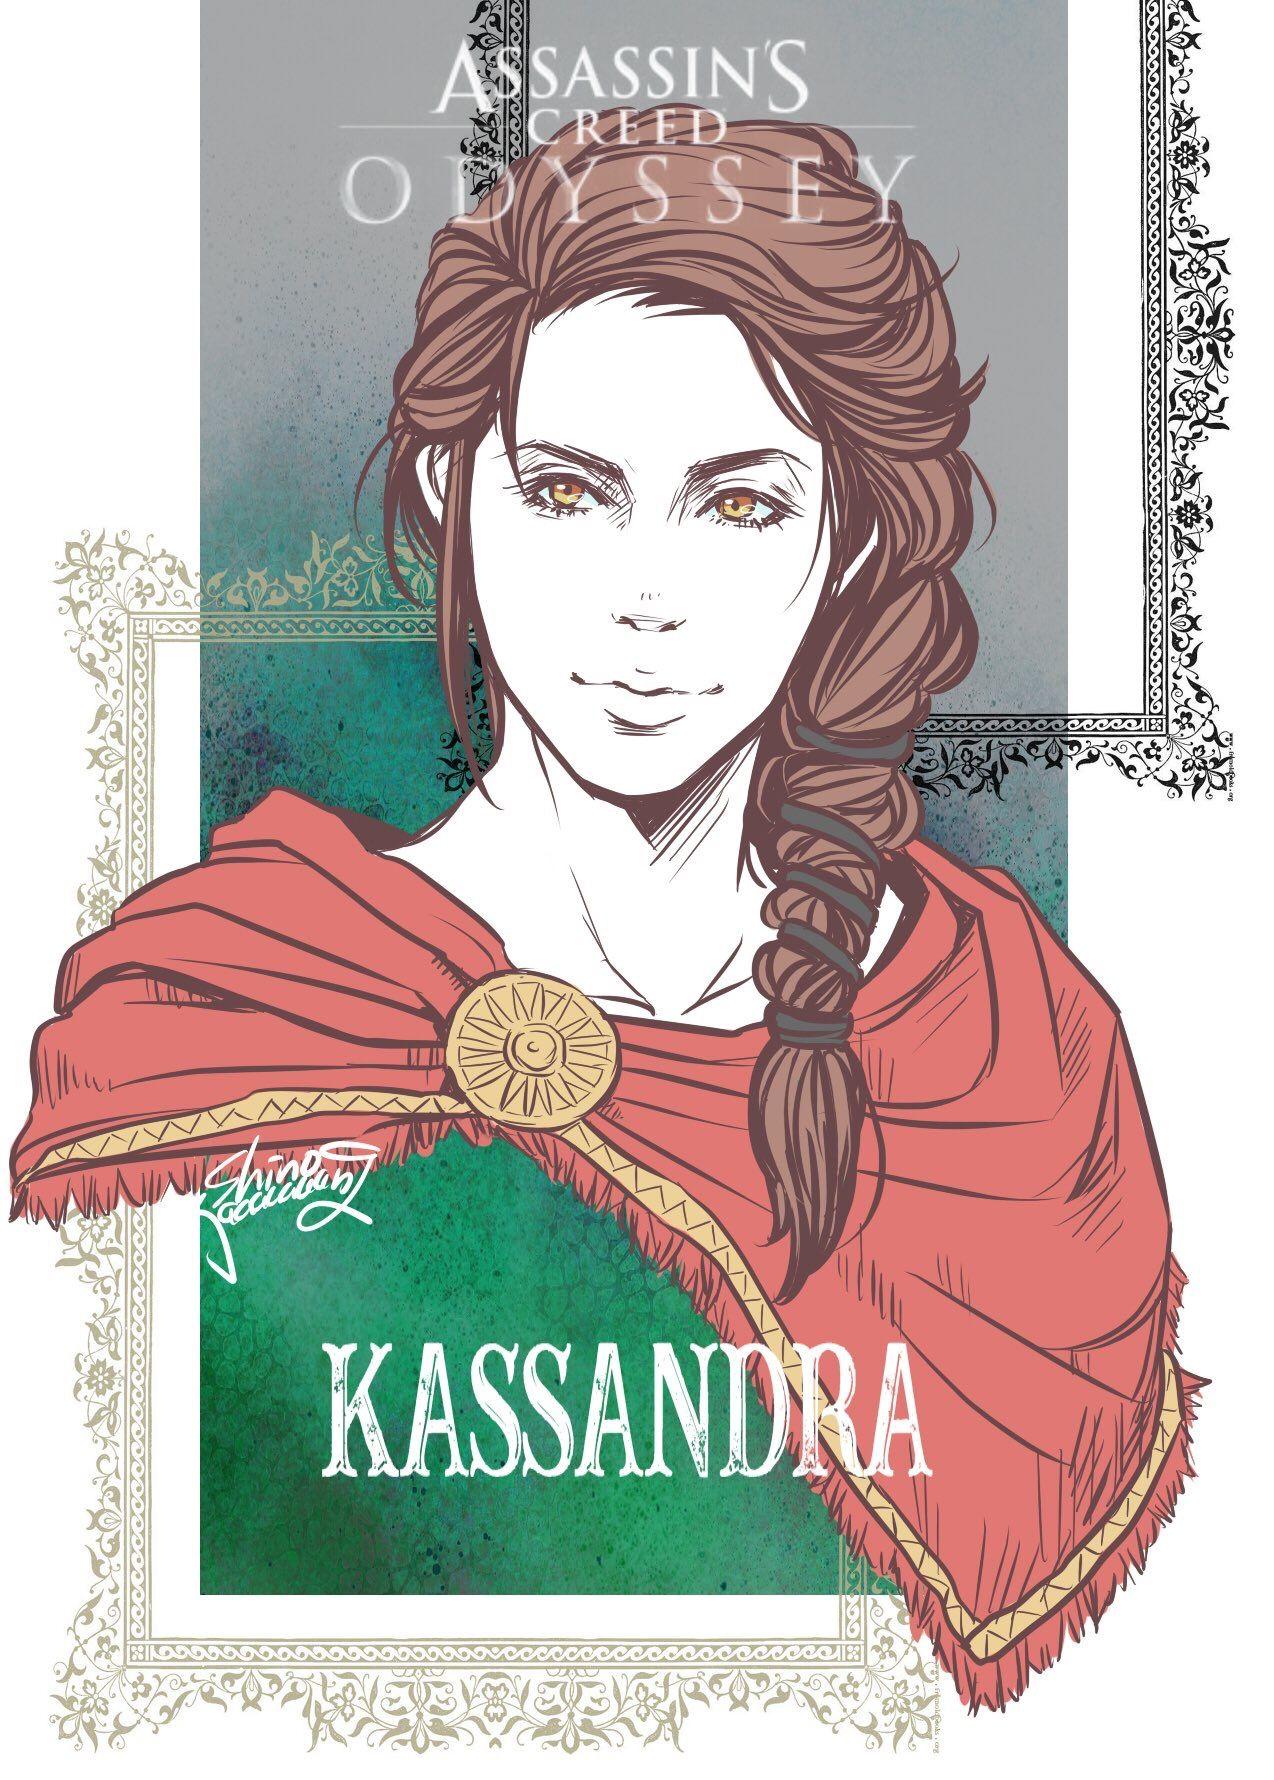 Kassandra Assassin S Creed Odyssey Assassin S Creed Assassins Creed Assassins Creed Odyssey